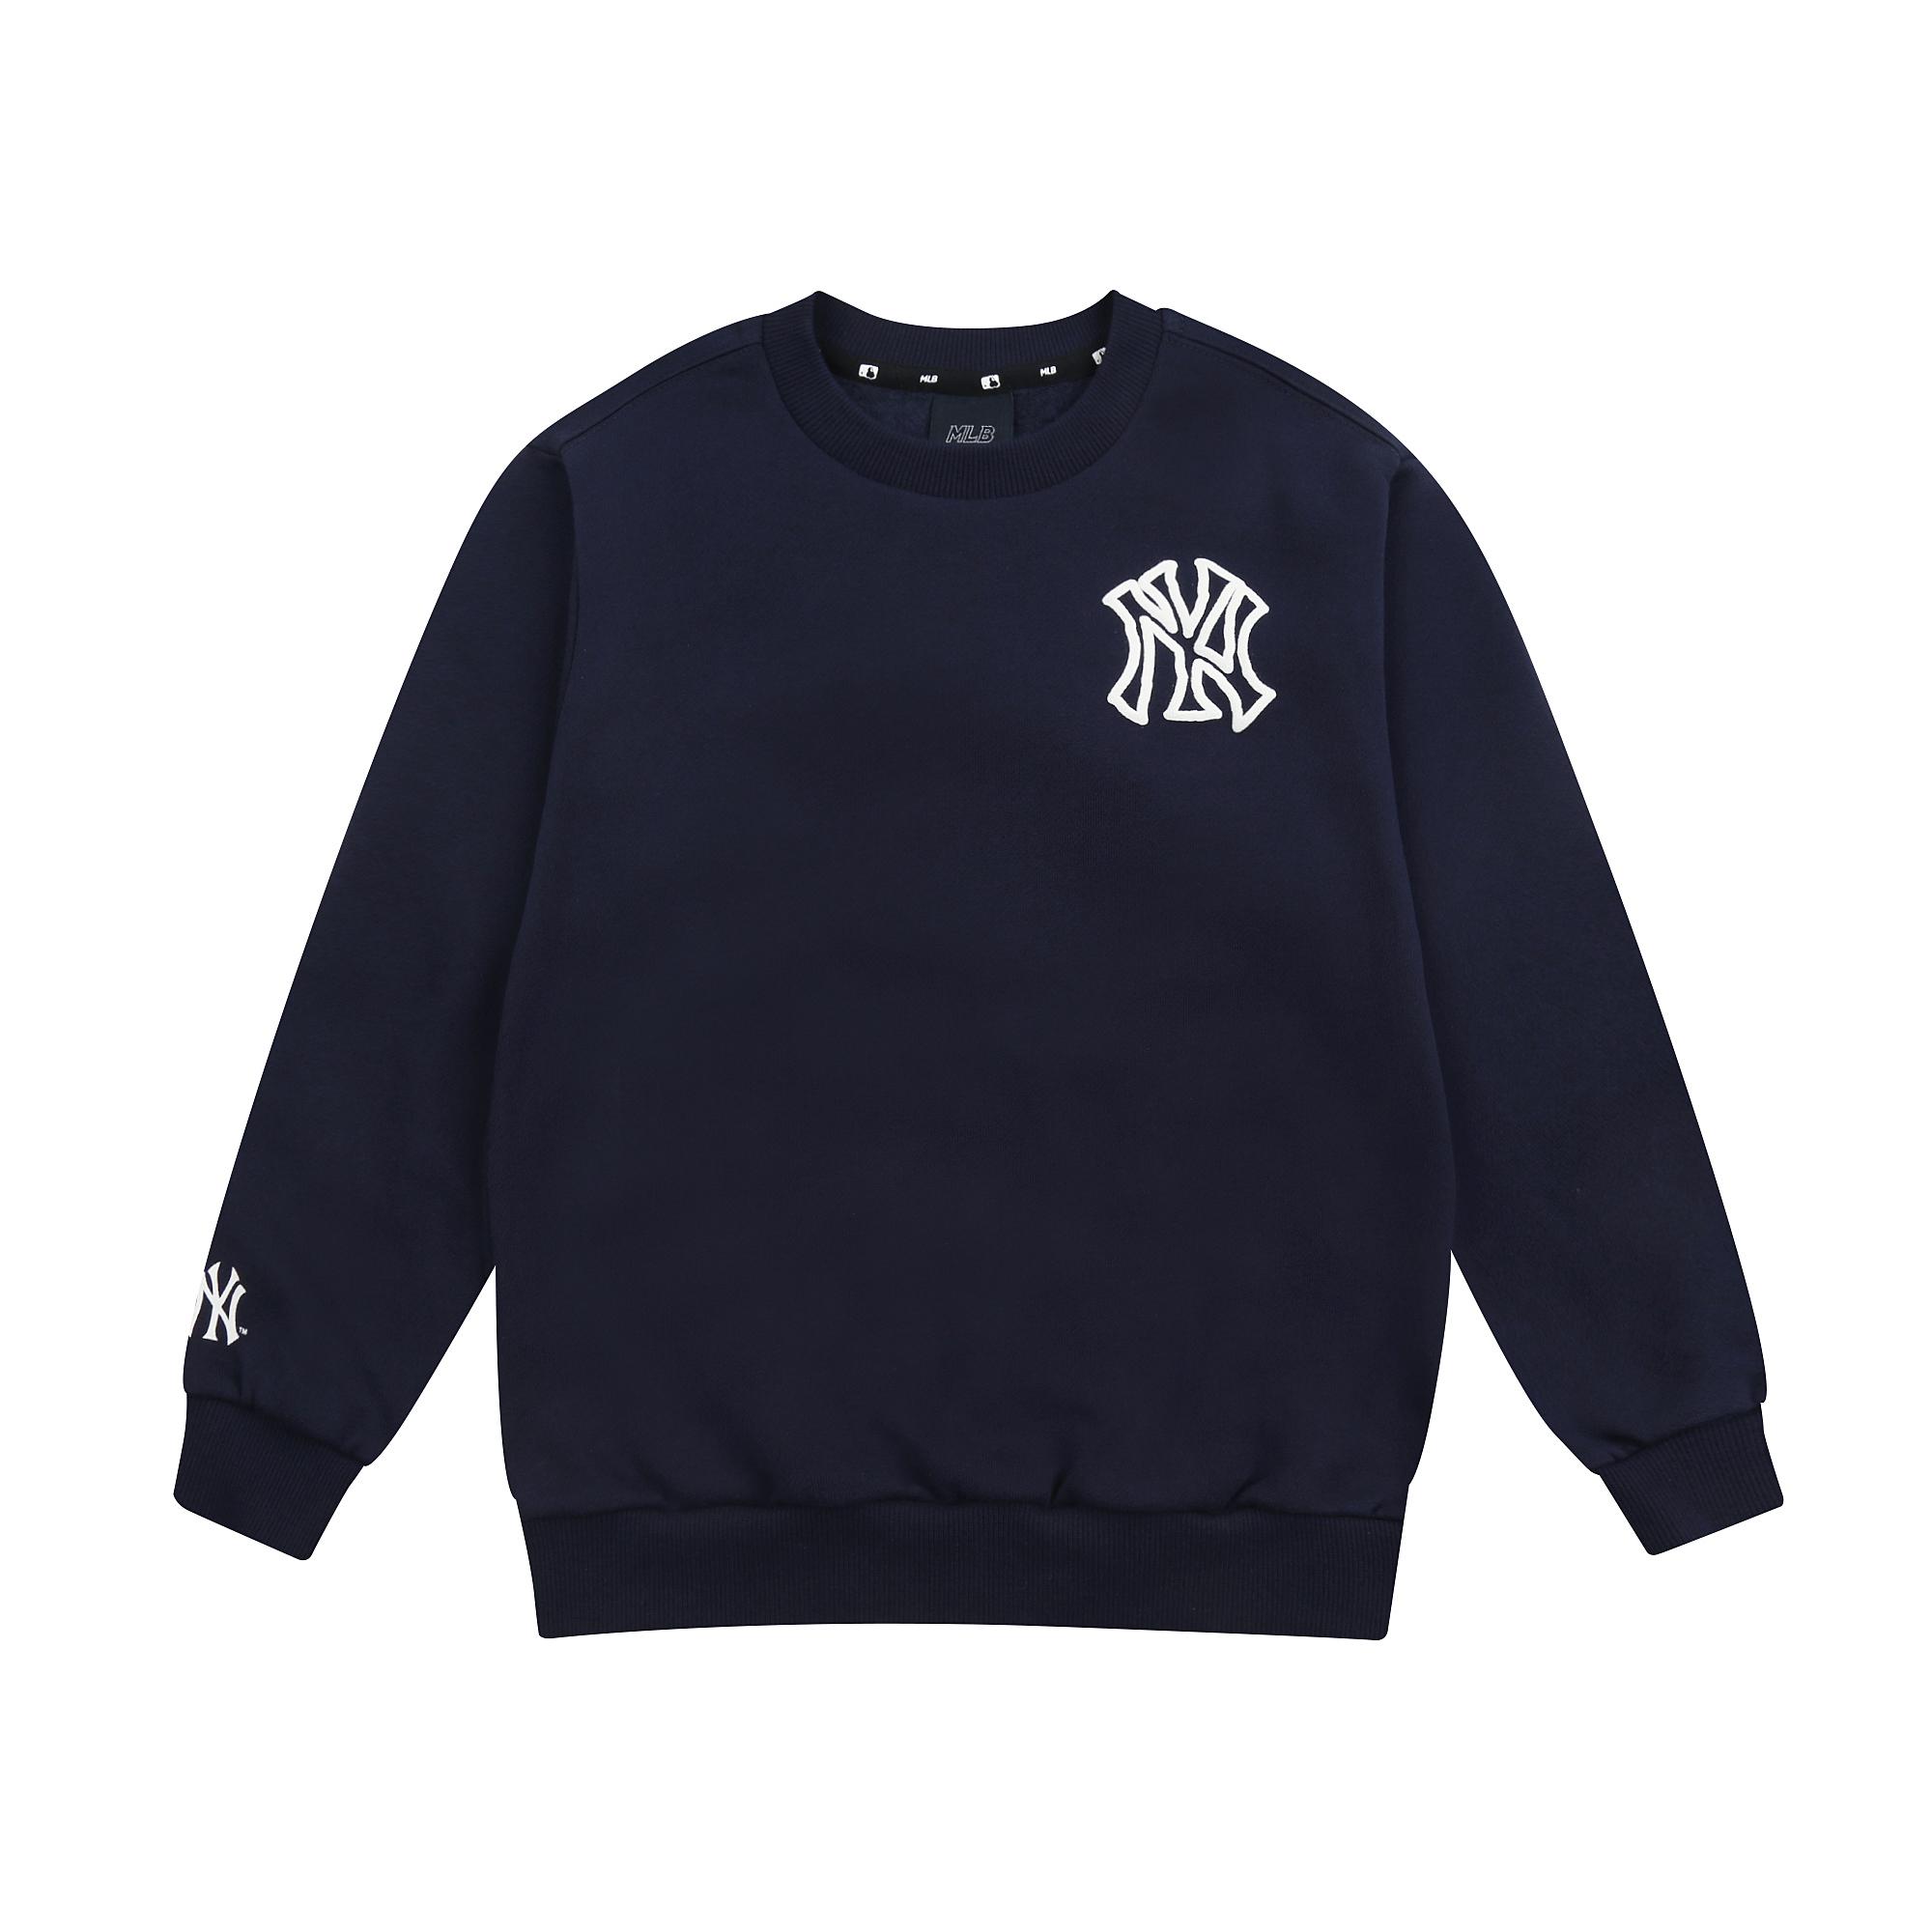 MLB LIKE 플래닛 오버핏 기모 맨투맨 뉴욕양키스